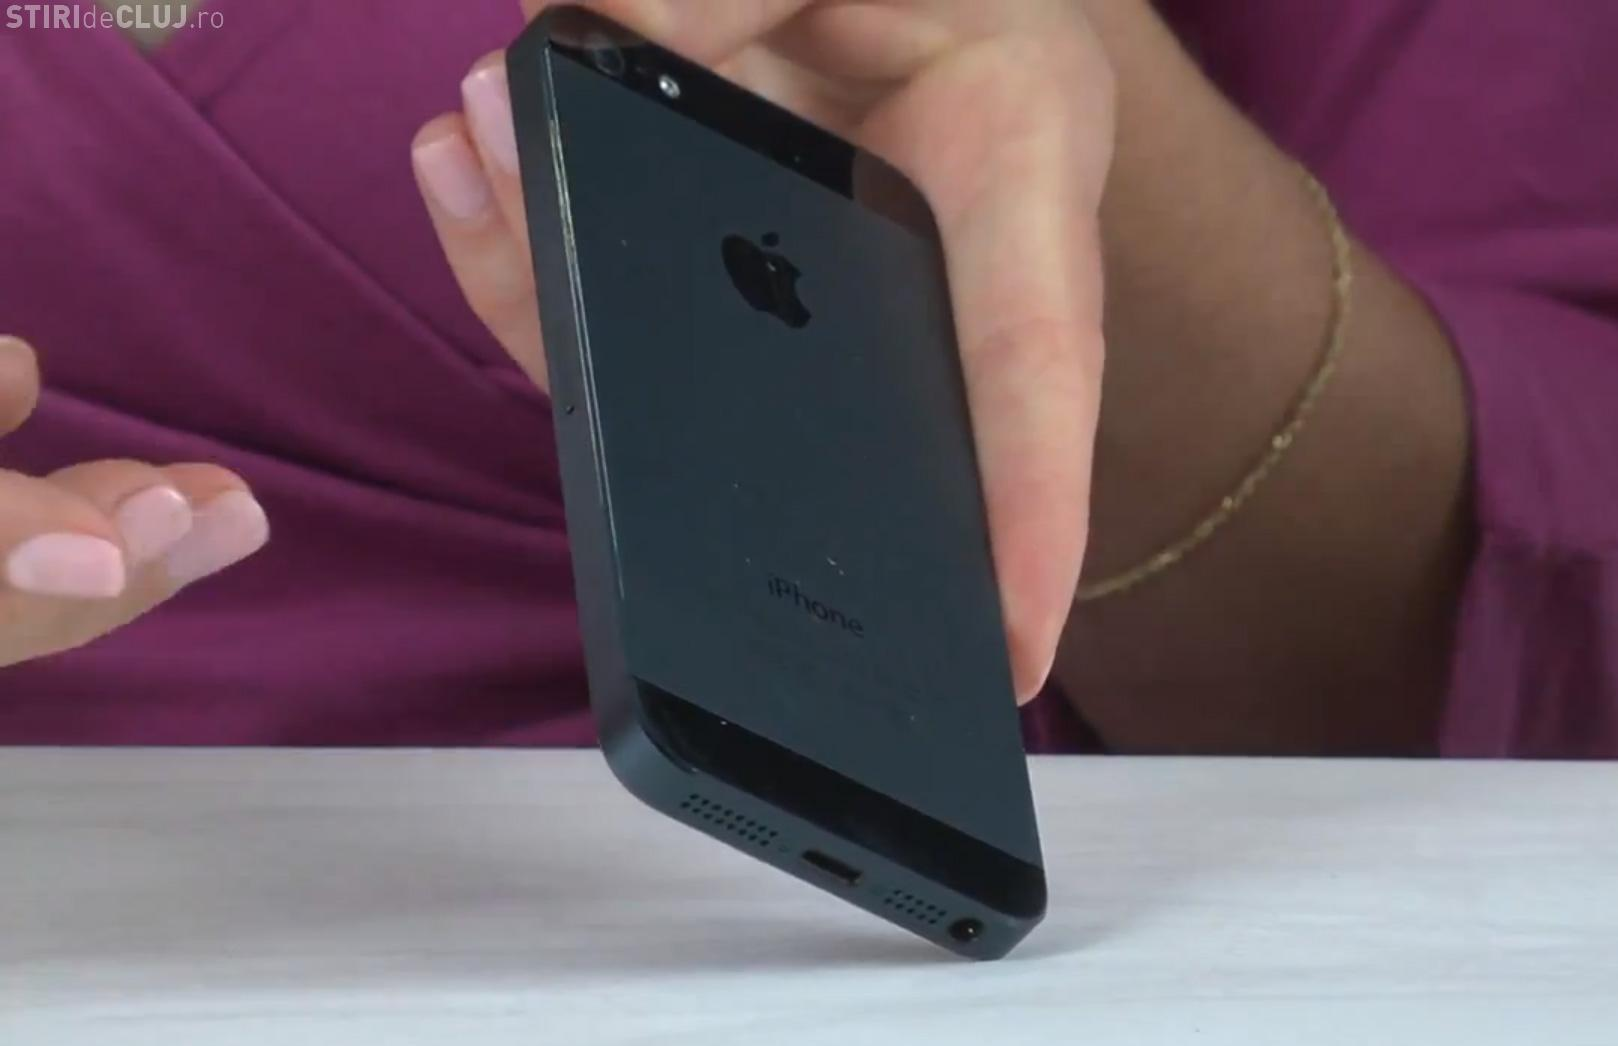 iPhone-ul de 15 milioane de dolari. Vezi aici cum arată